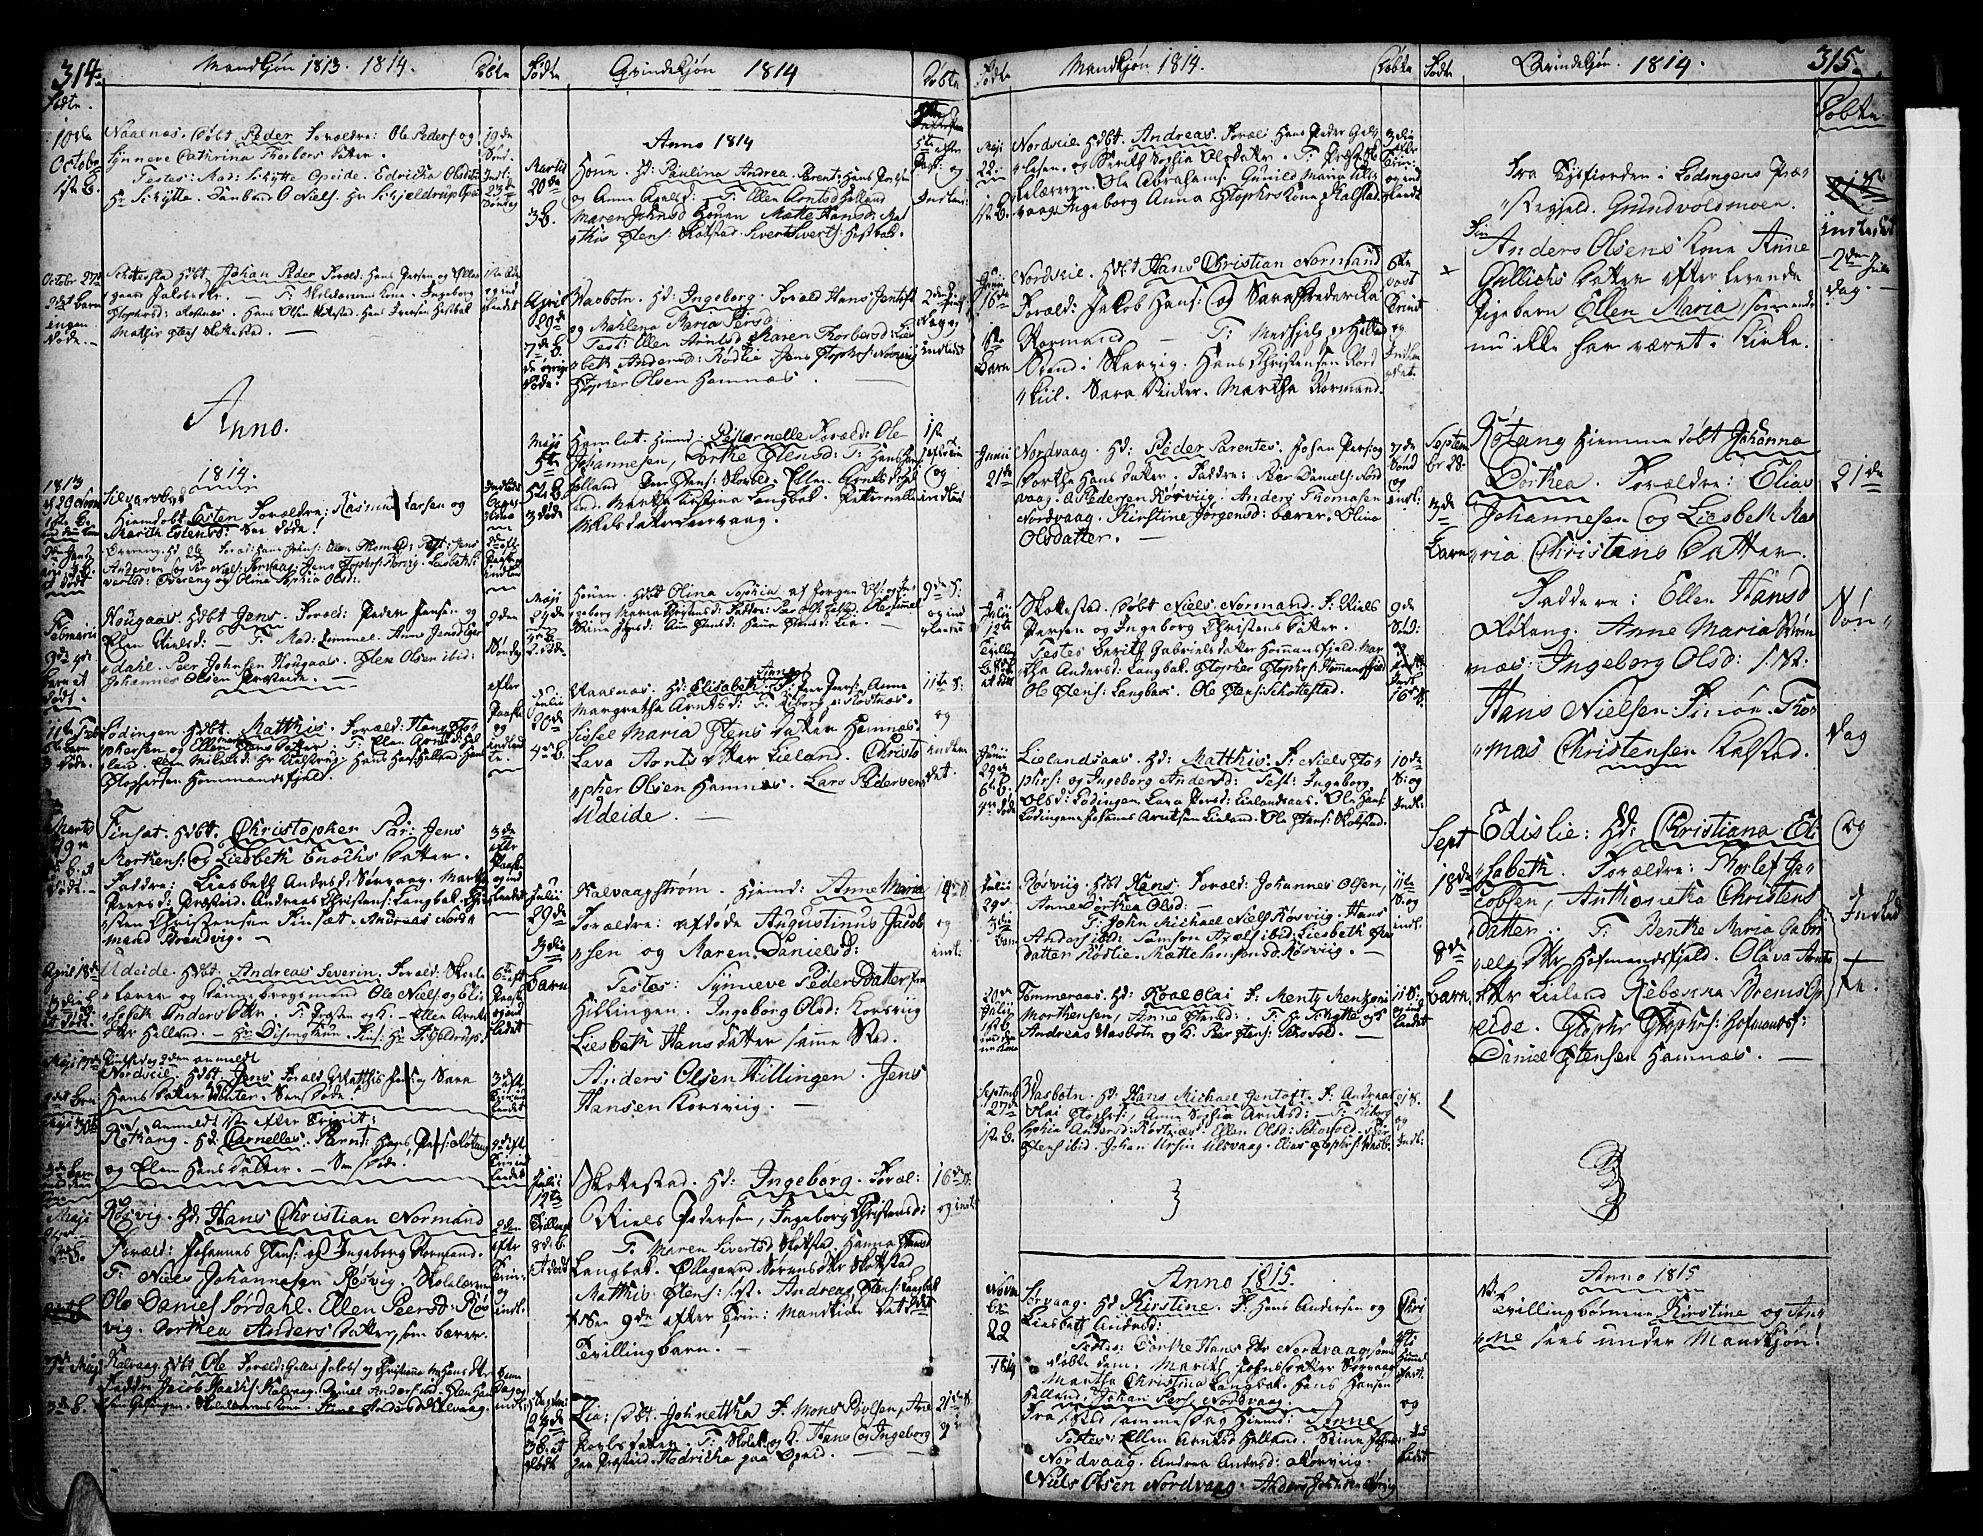 SAT, Ministerialprotokoller, klokkerbøker og fødselsregistre - Nordland, 859/L0841: Parish register (official) no. 859A01, 1766-1821, p. 314-315